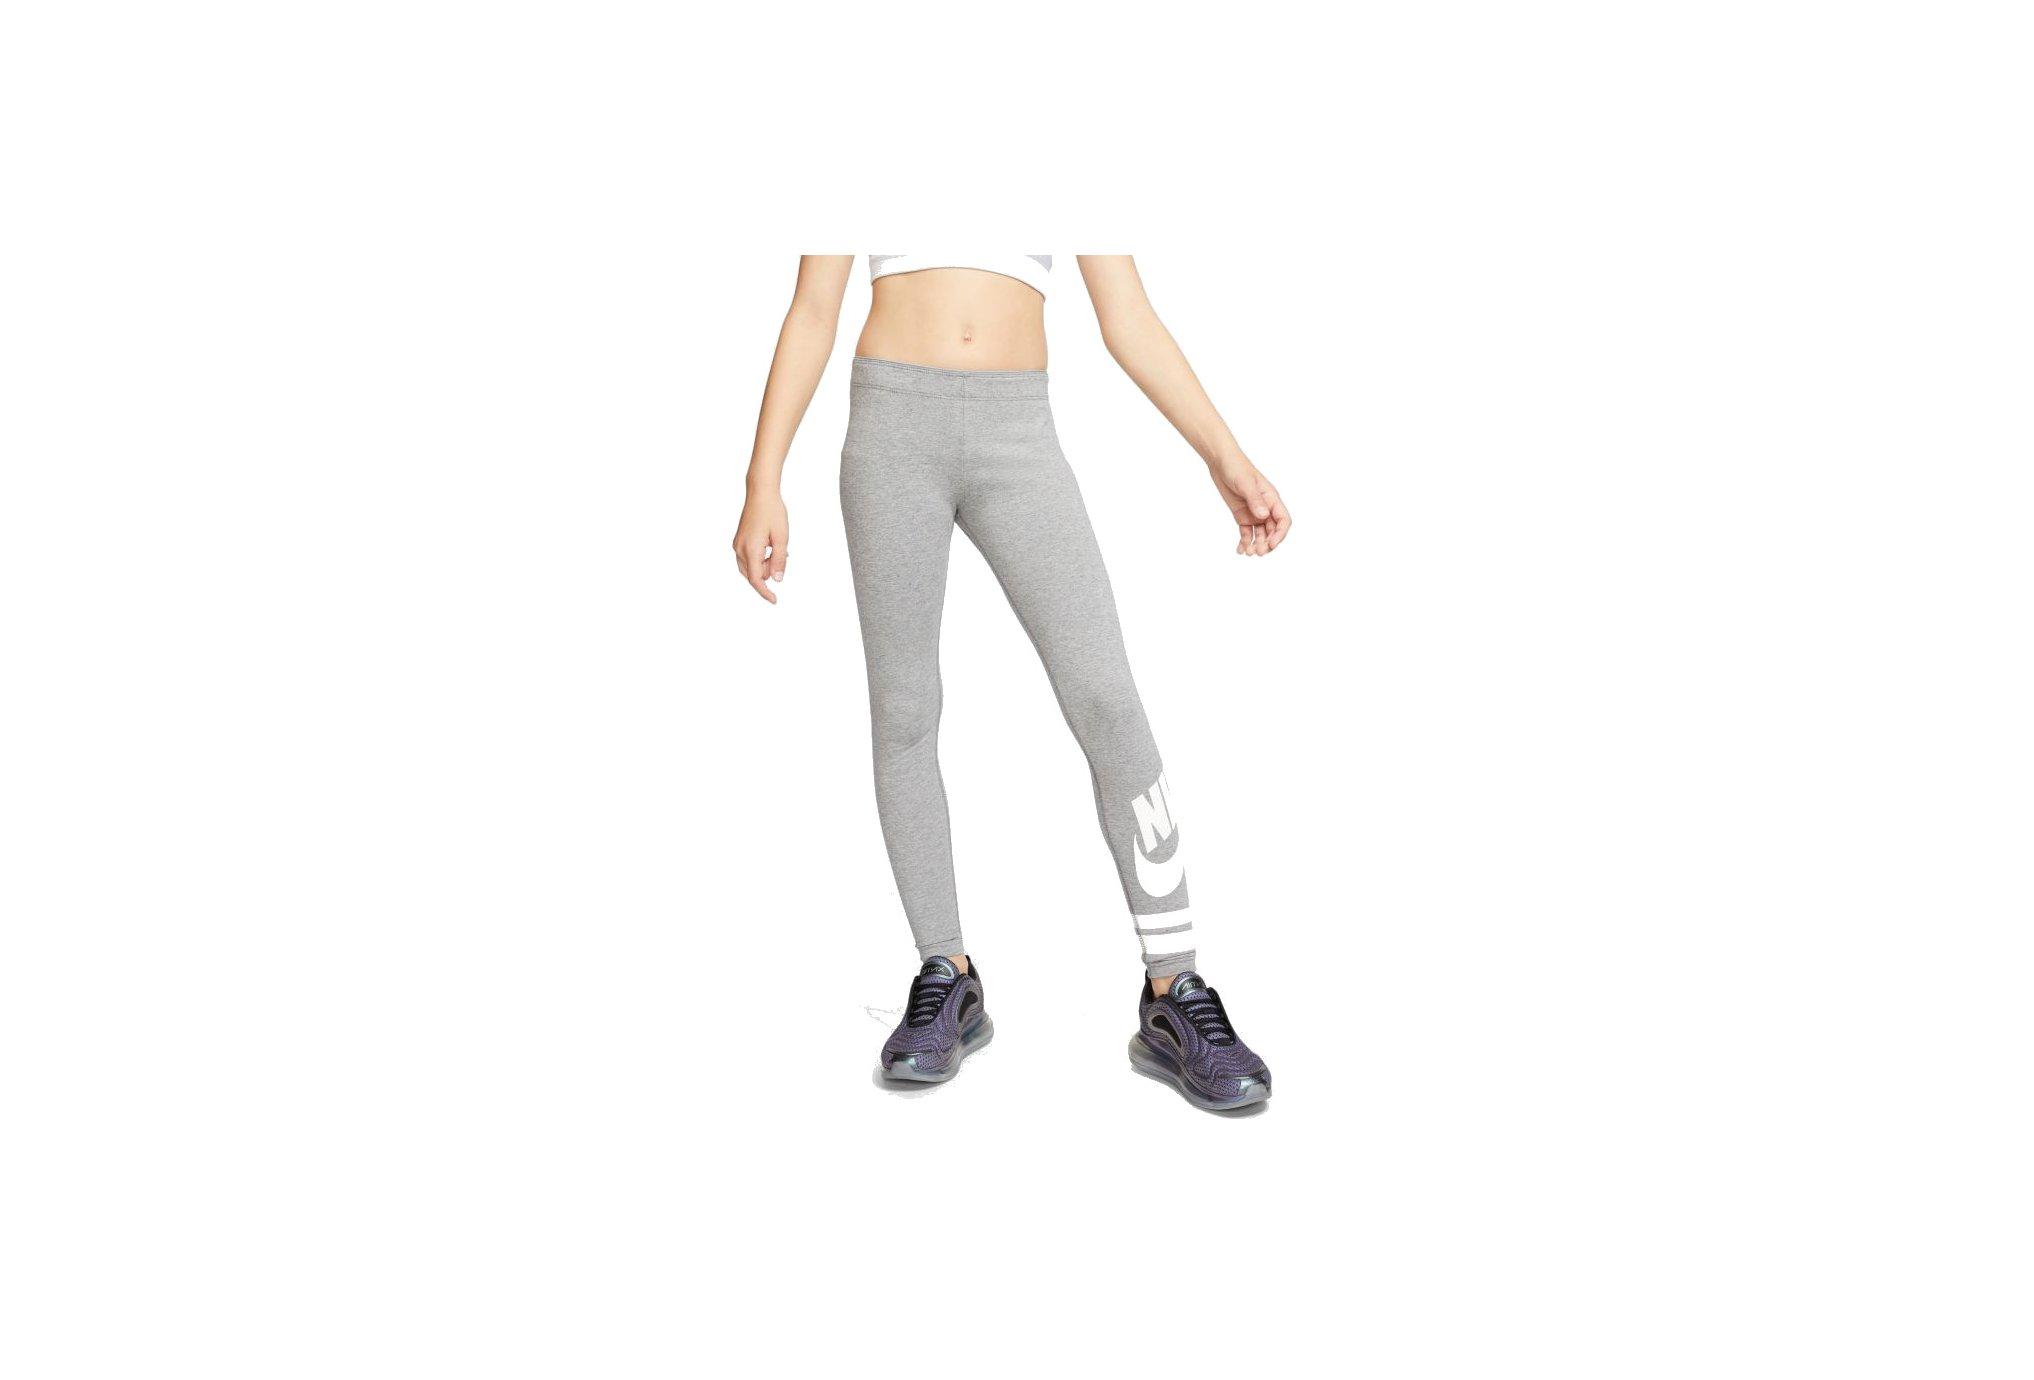 Nike Favorite Fille vêtement running femme